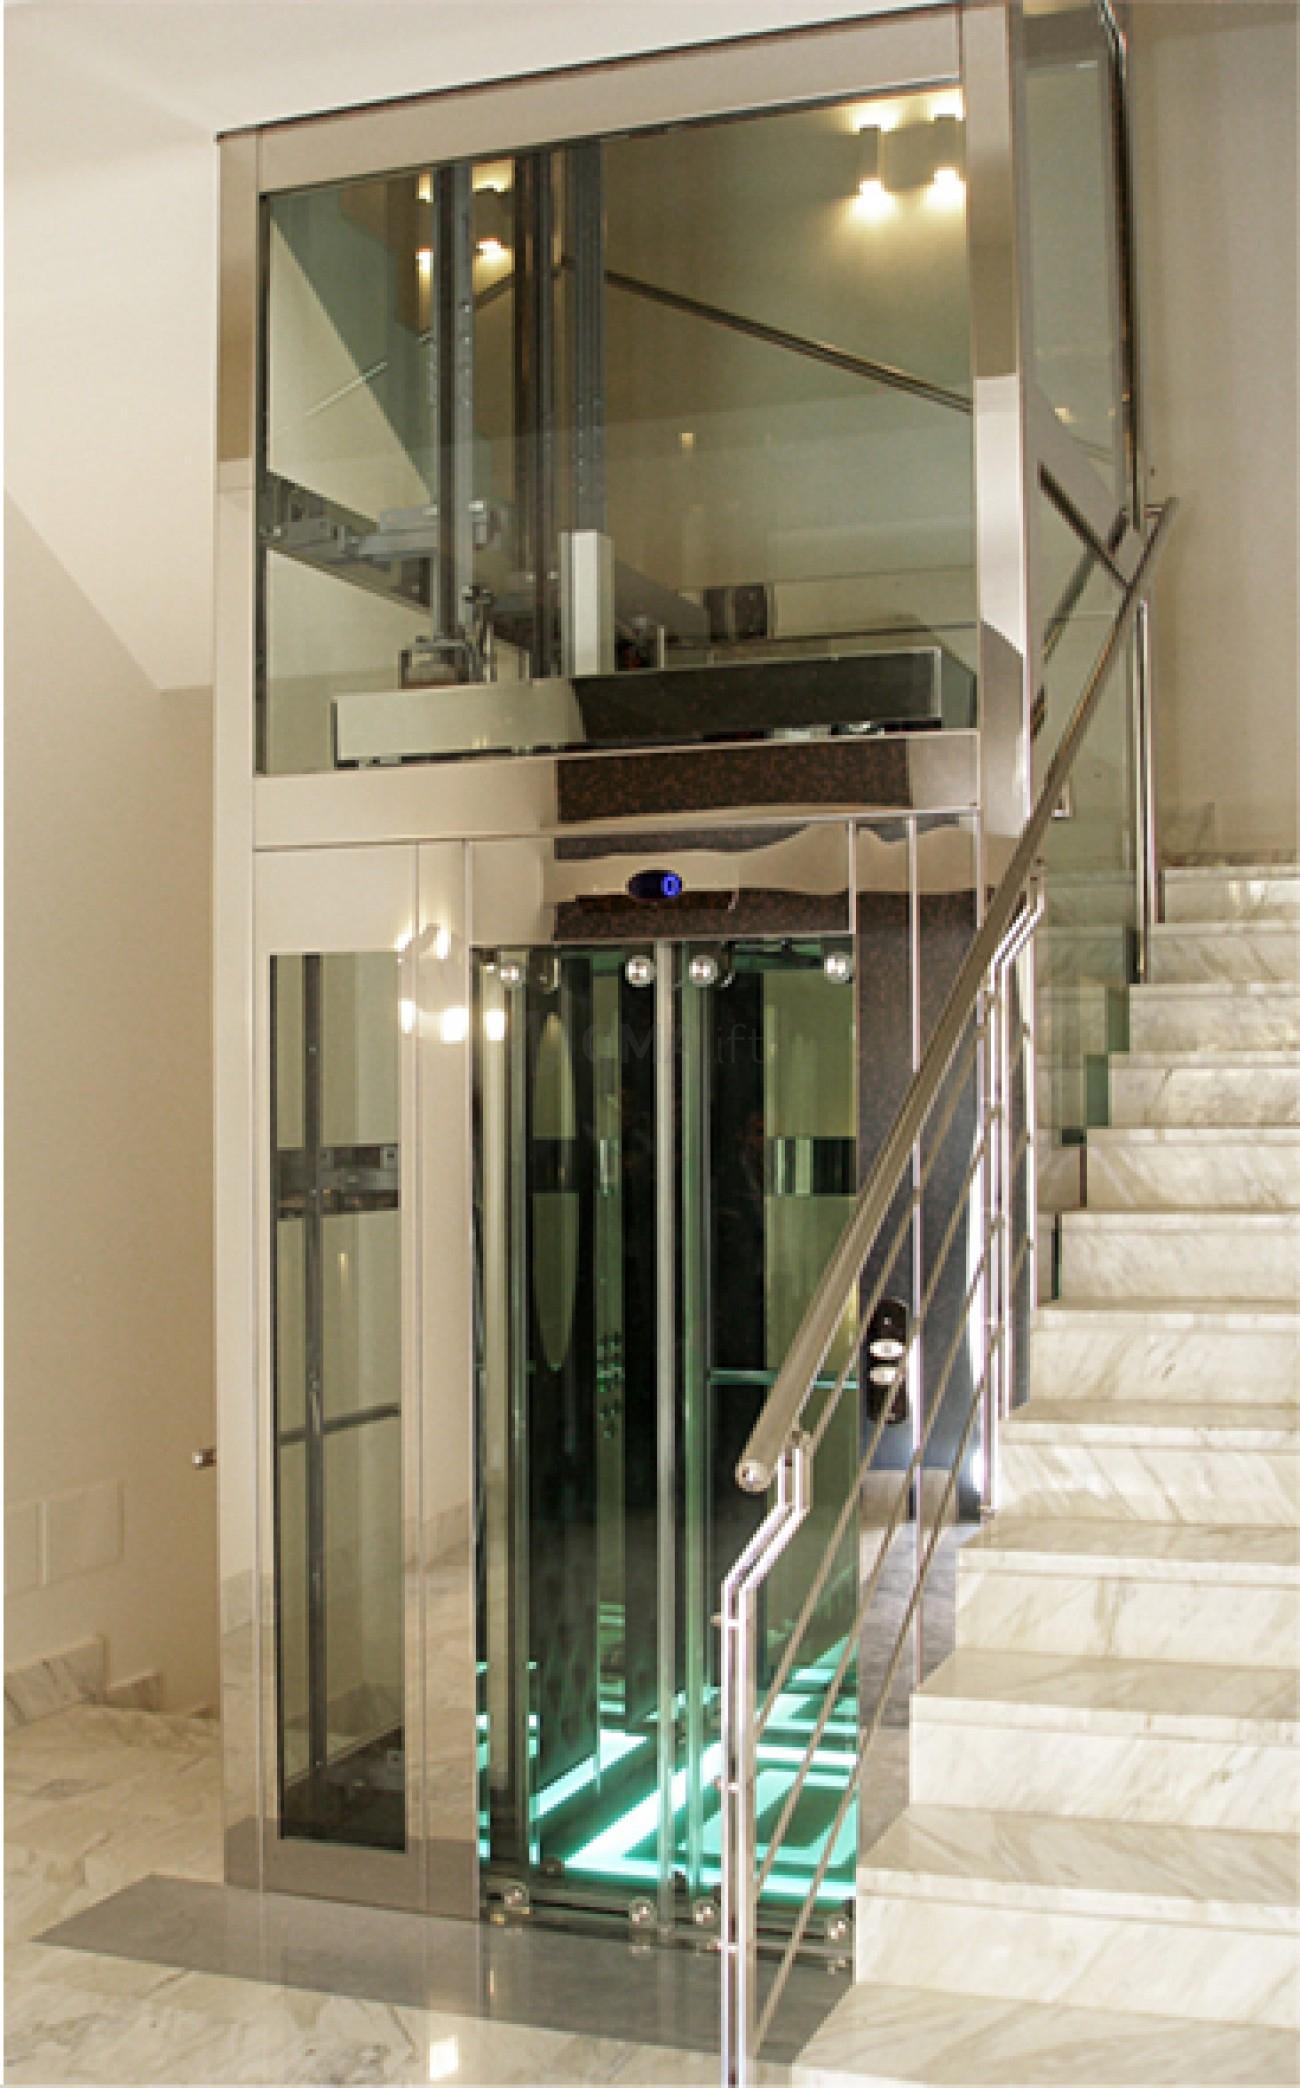 piattaforma elevatrice cma lifts per disabili e anziani